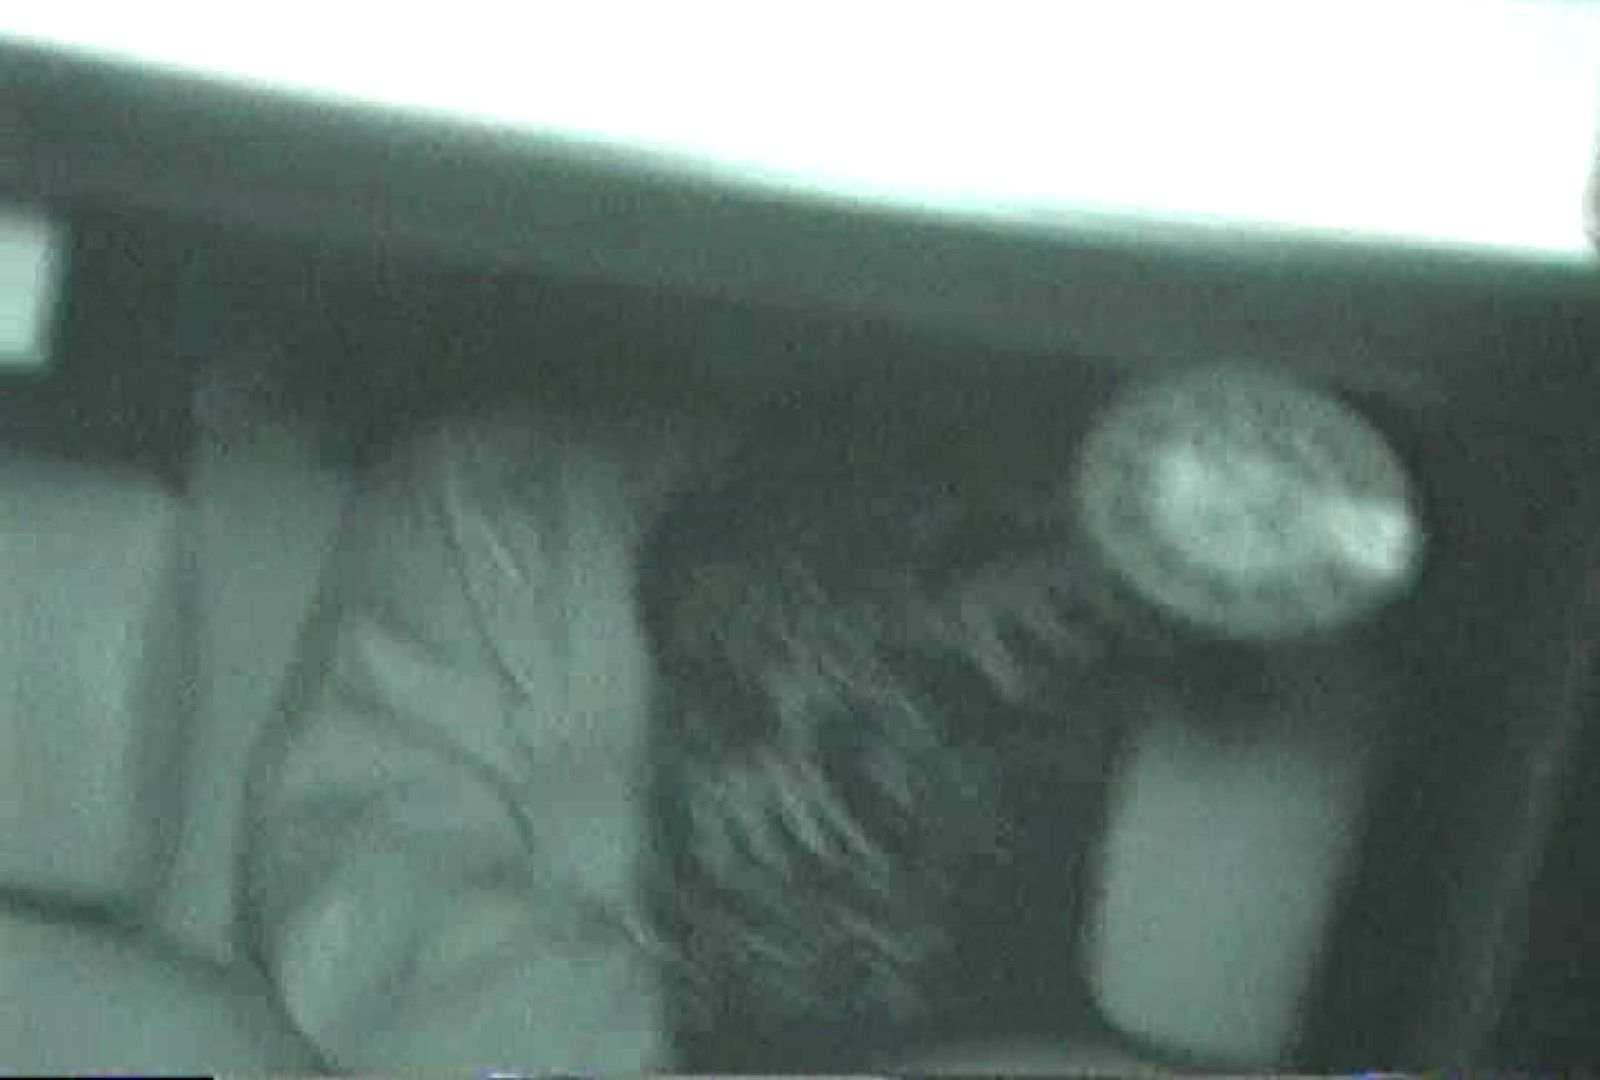 充血監督の深夜の運動会Vol.56 エロティックなOL 盗撮動画紹介 103画像 65